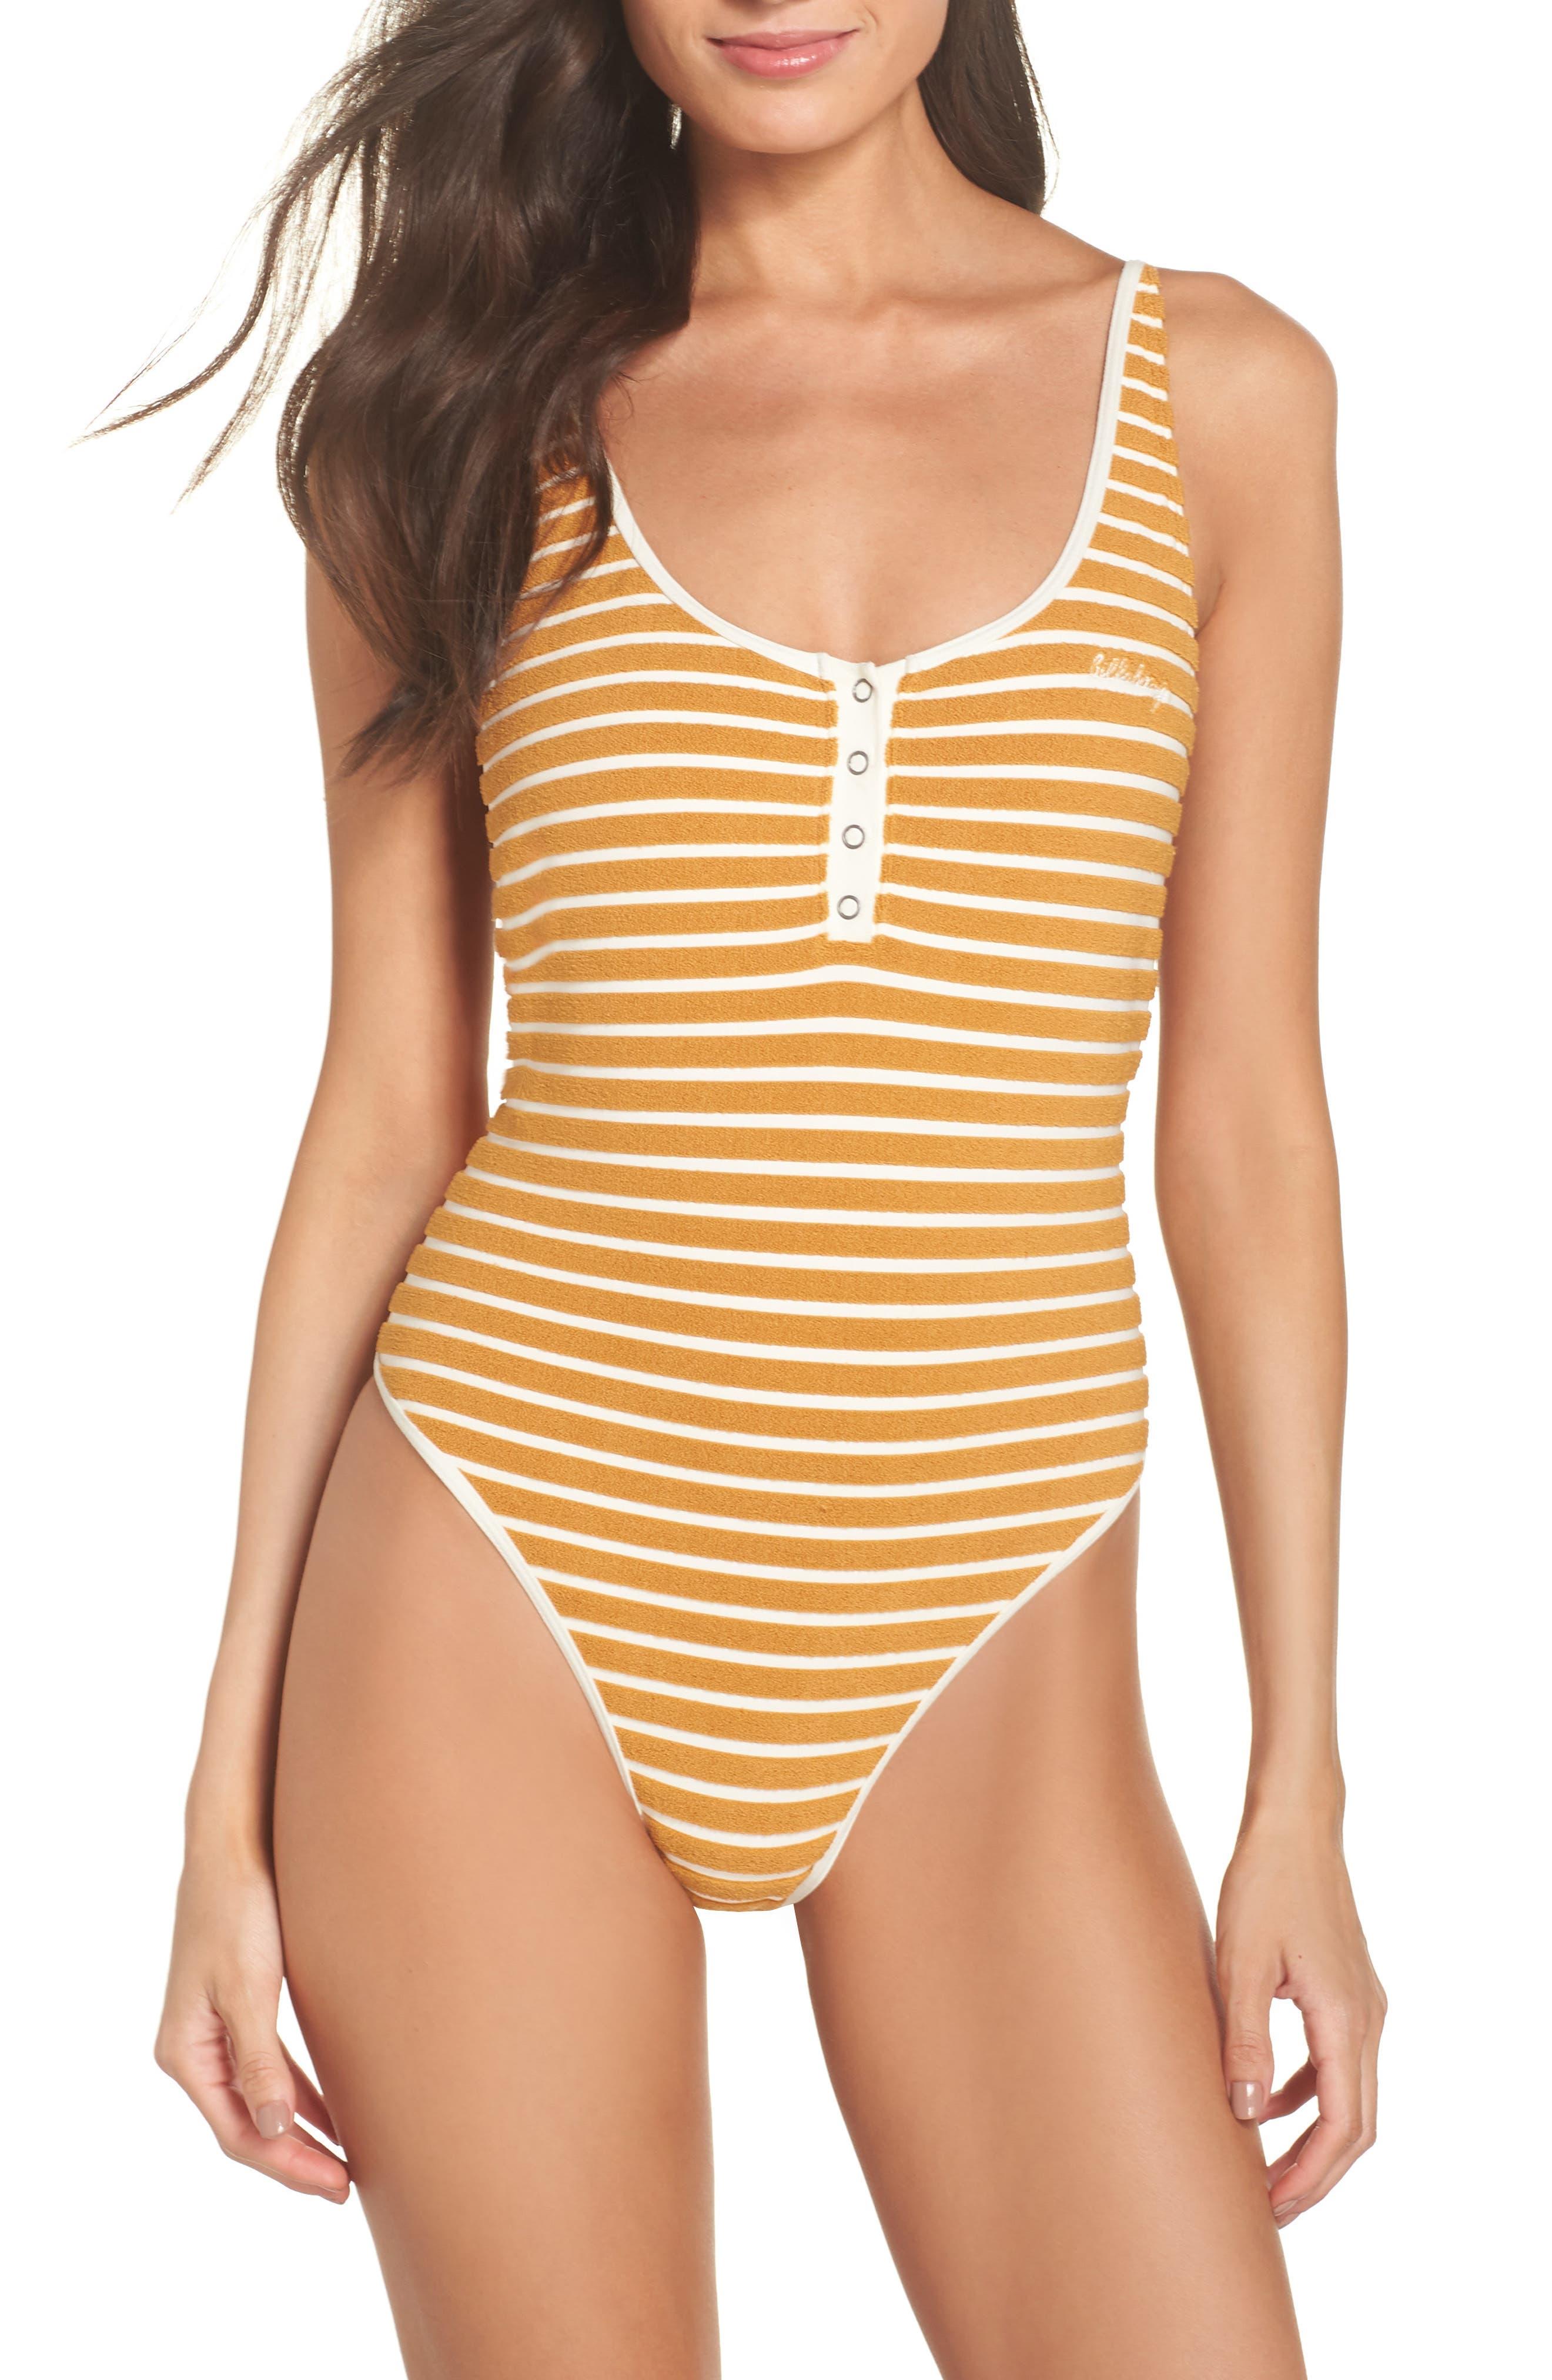 Honey Daze One-Piece Swimsuit,                             Main thumbnail 1, color,                             HONEY GOLD